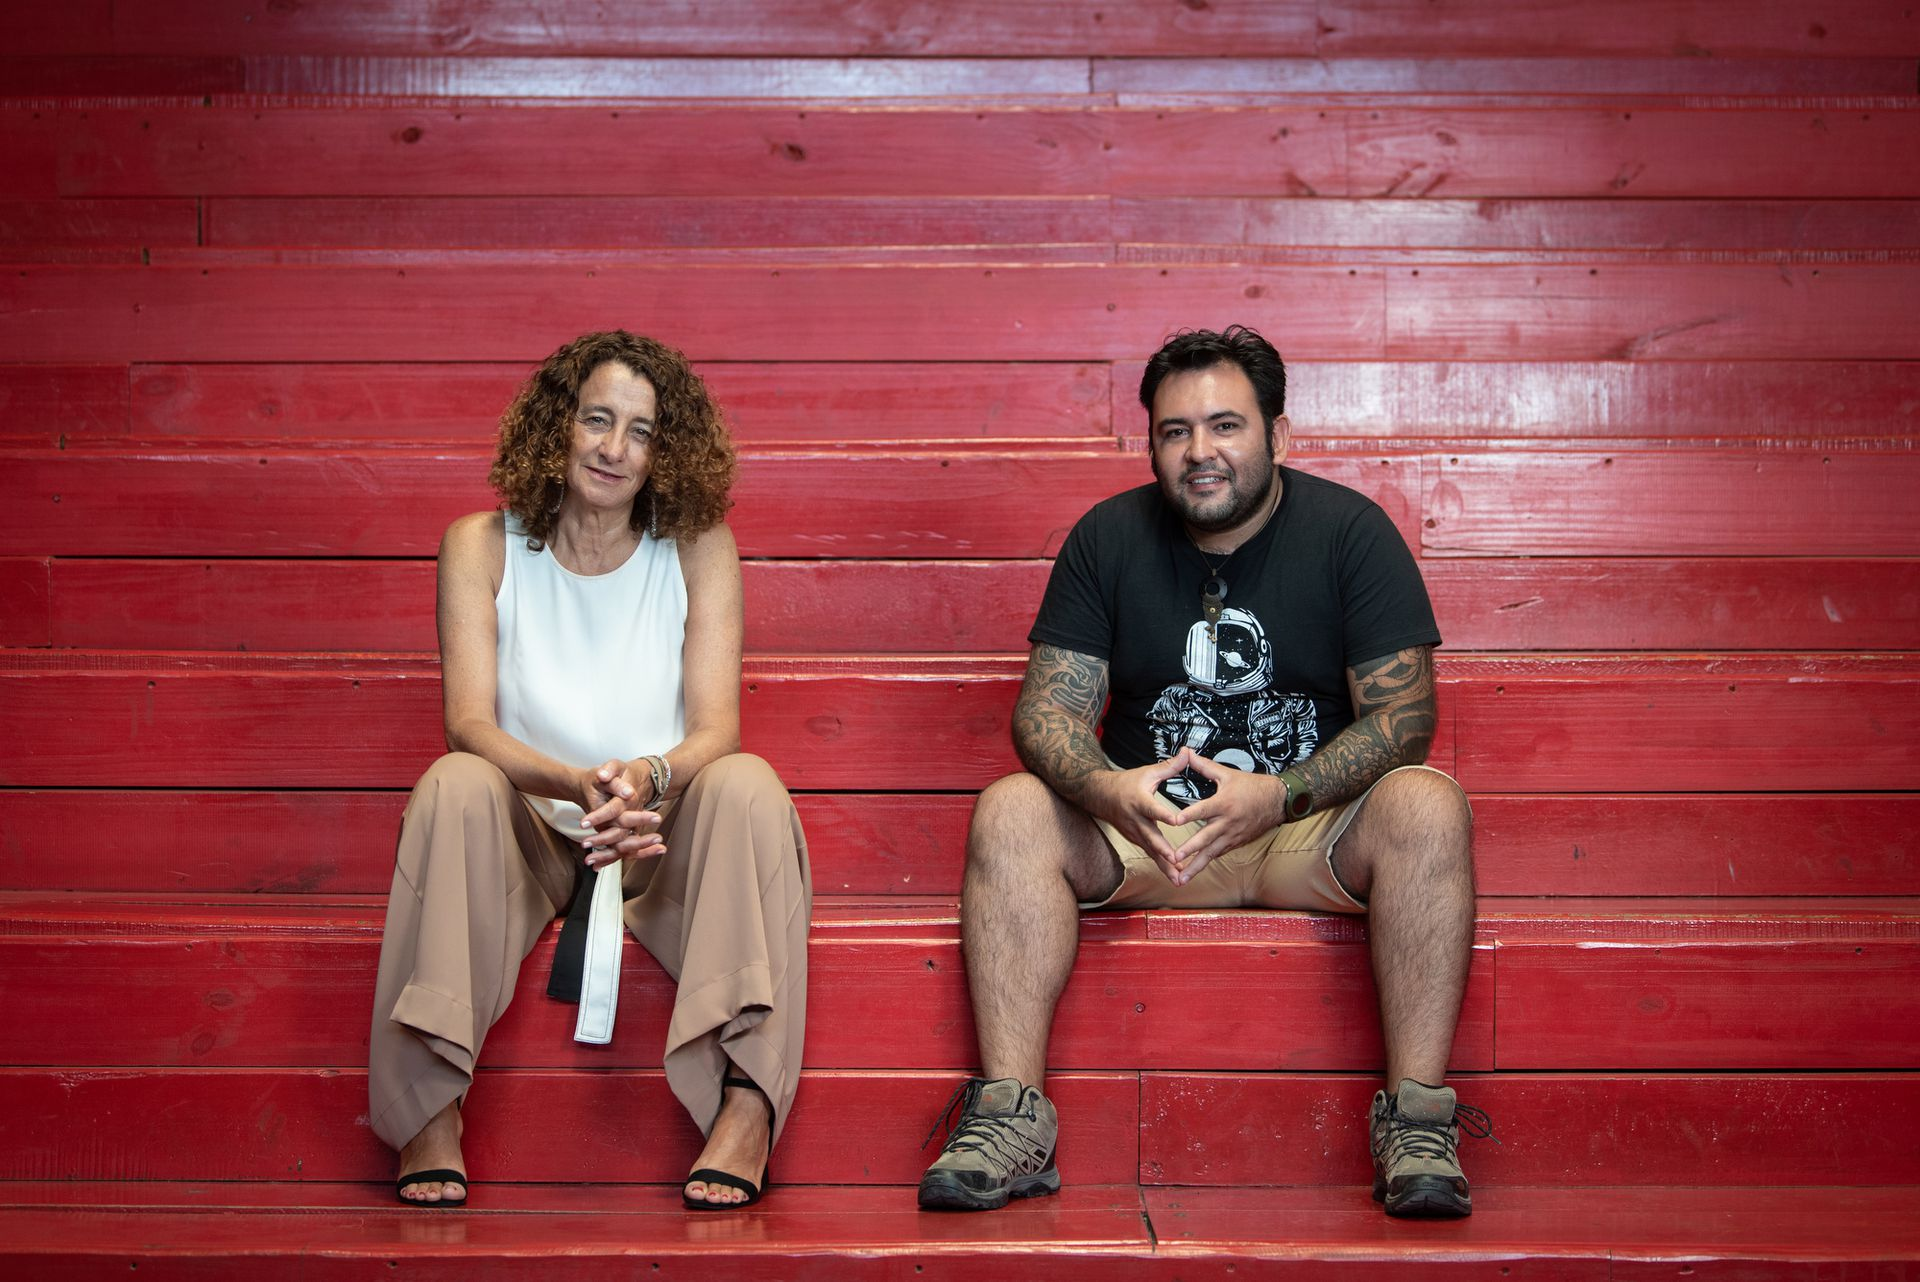 """Ines Sanguinetti y Lucas Romero en la sede de Crear Vale la Pena, en Beccar. """"Somos traidores al clan"""", dice ella"""